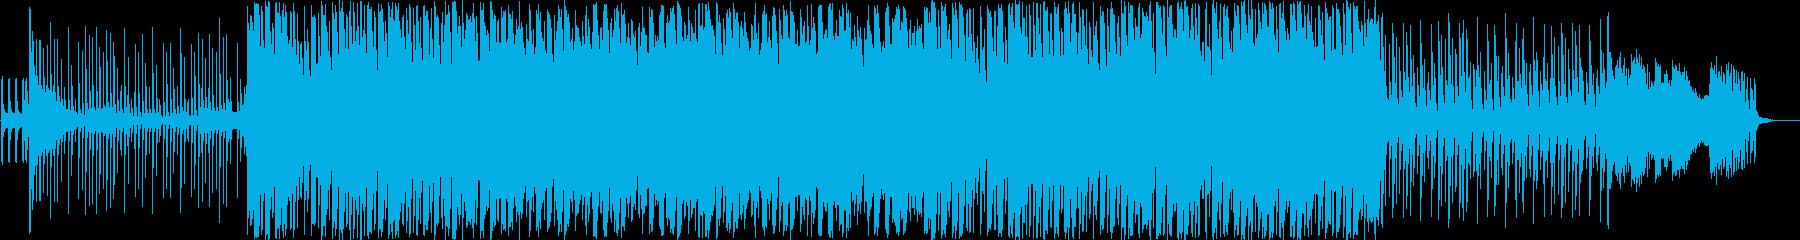 不思議な雰囲気の中華風楽曲の再生済みの波形